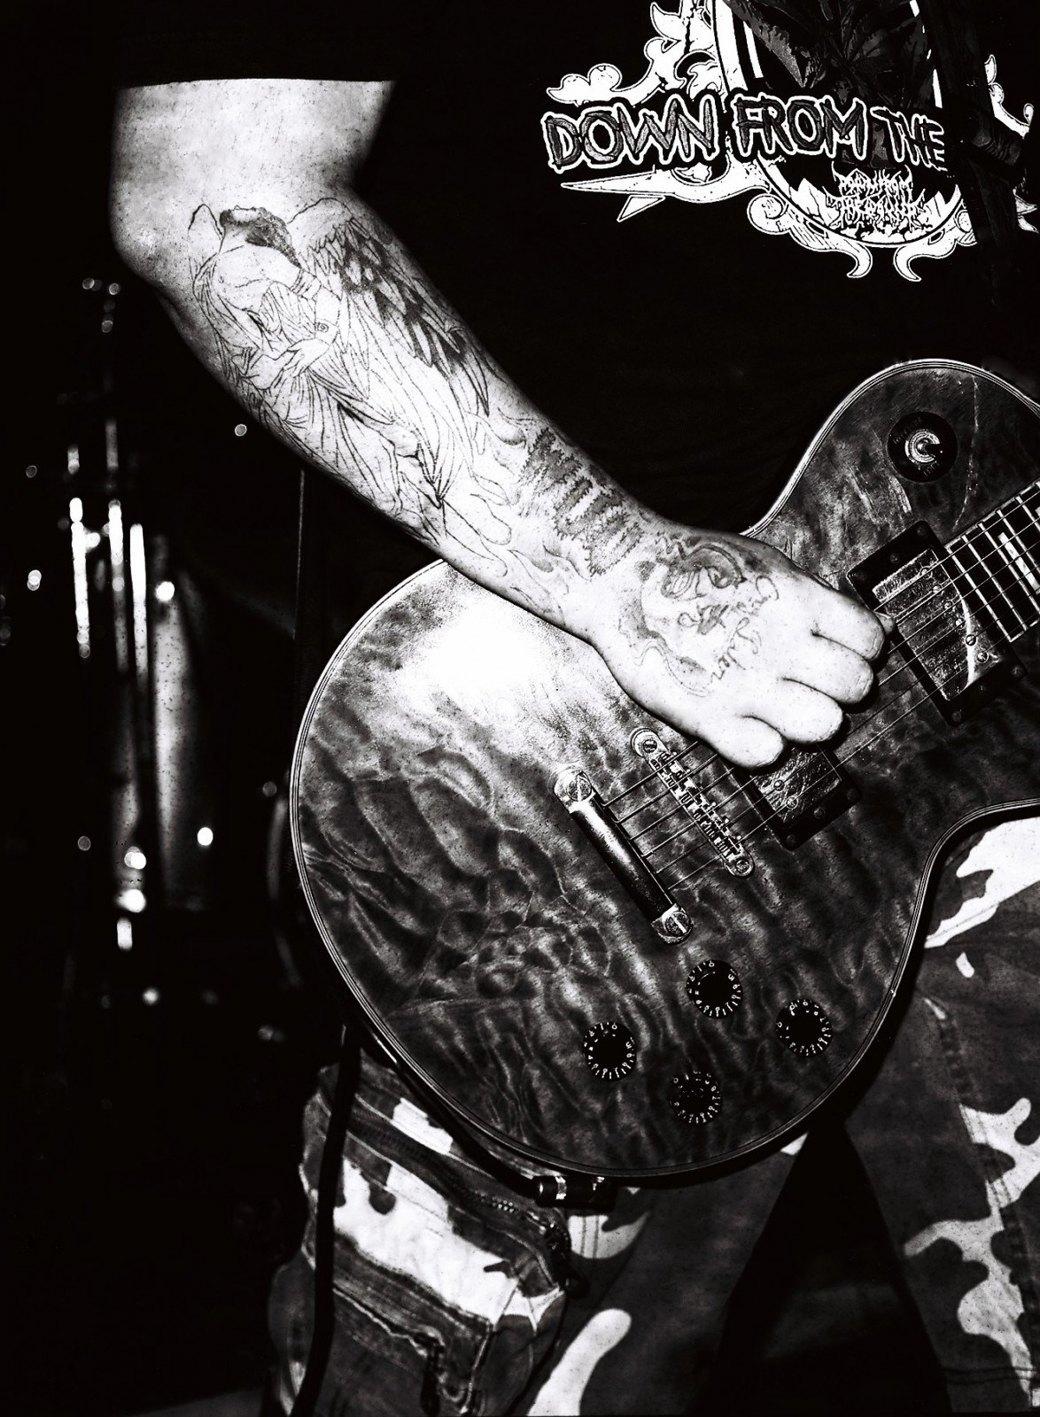 Азиатский андеграунд: Панк, грайндкор и экстремальный метал по-вьетнамски . Изображение № 9.